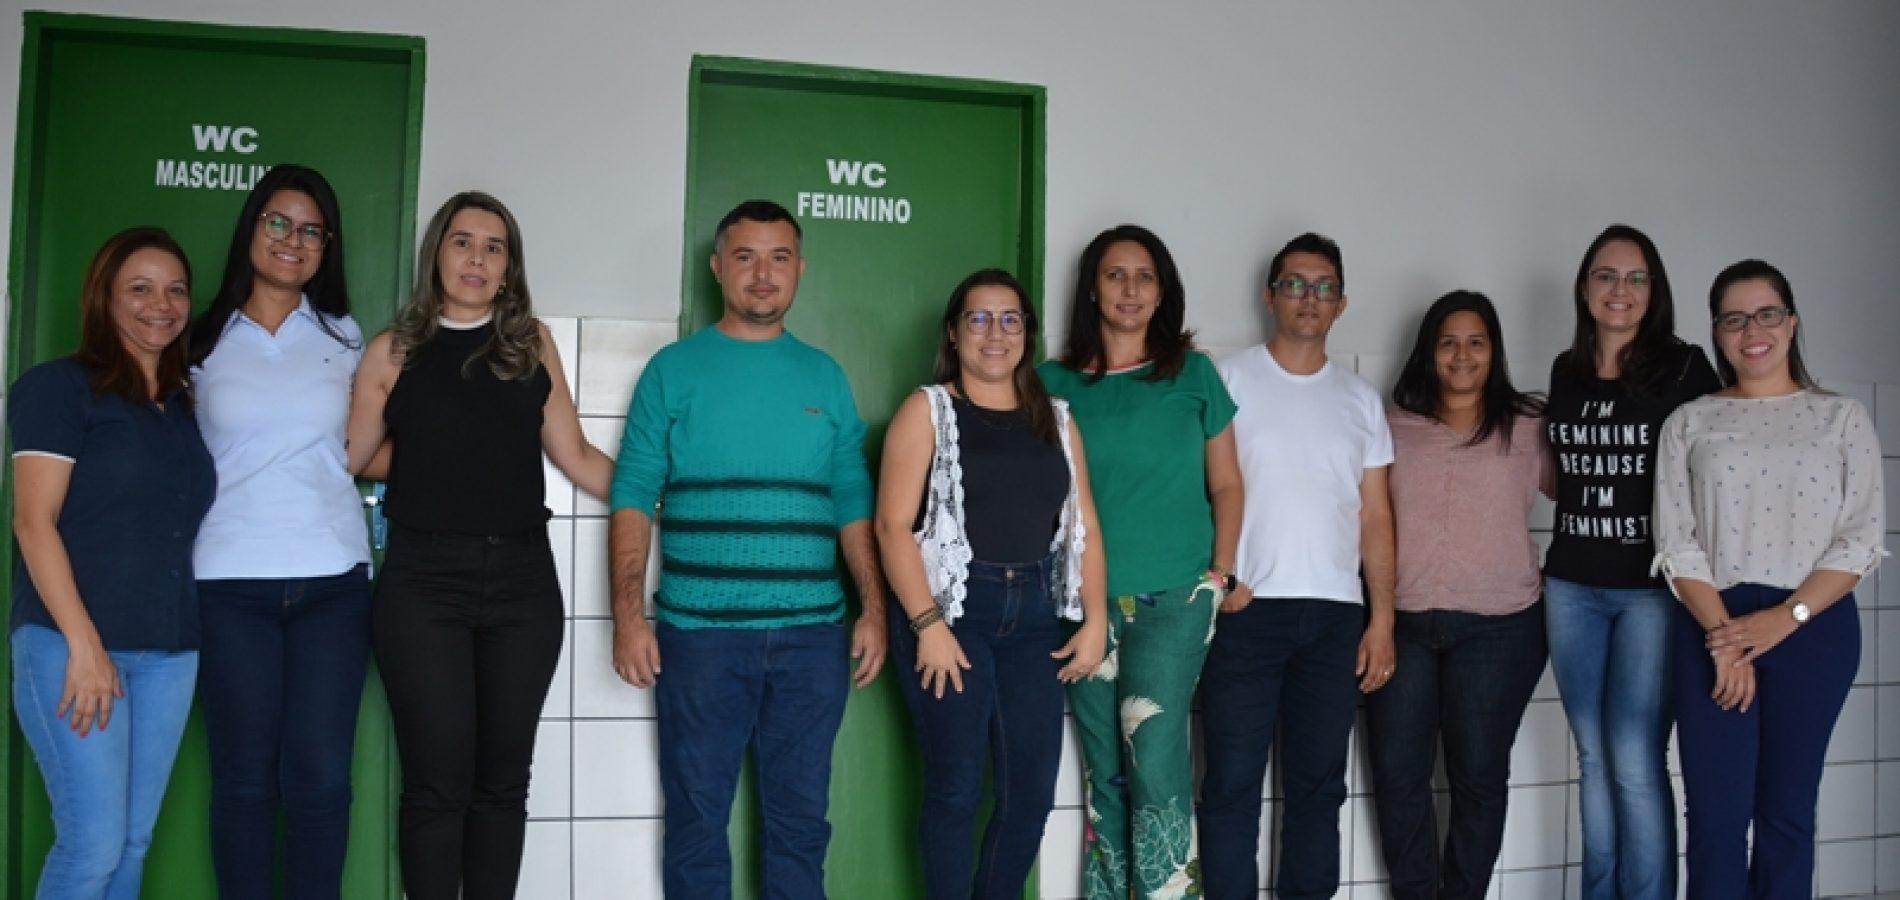 Secretaria de Belém promove capacitação para profissionais sobreAtenção Primária à Saúde